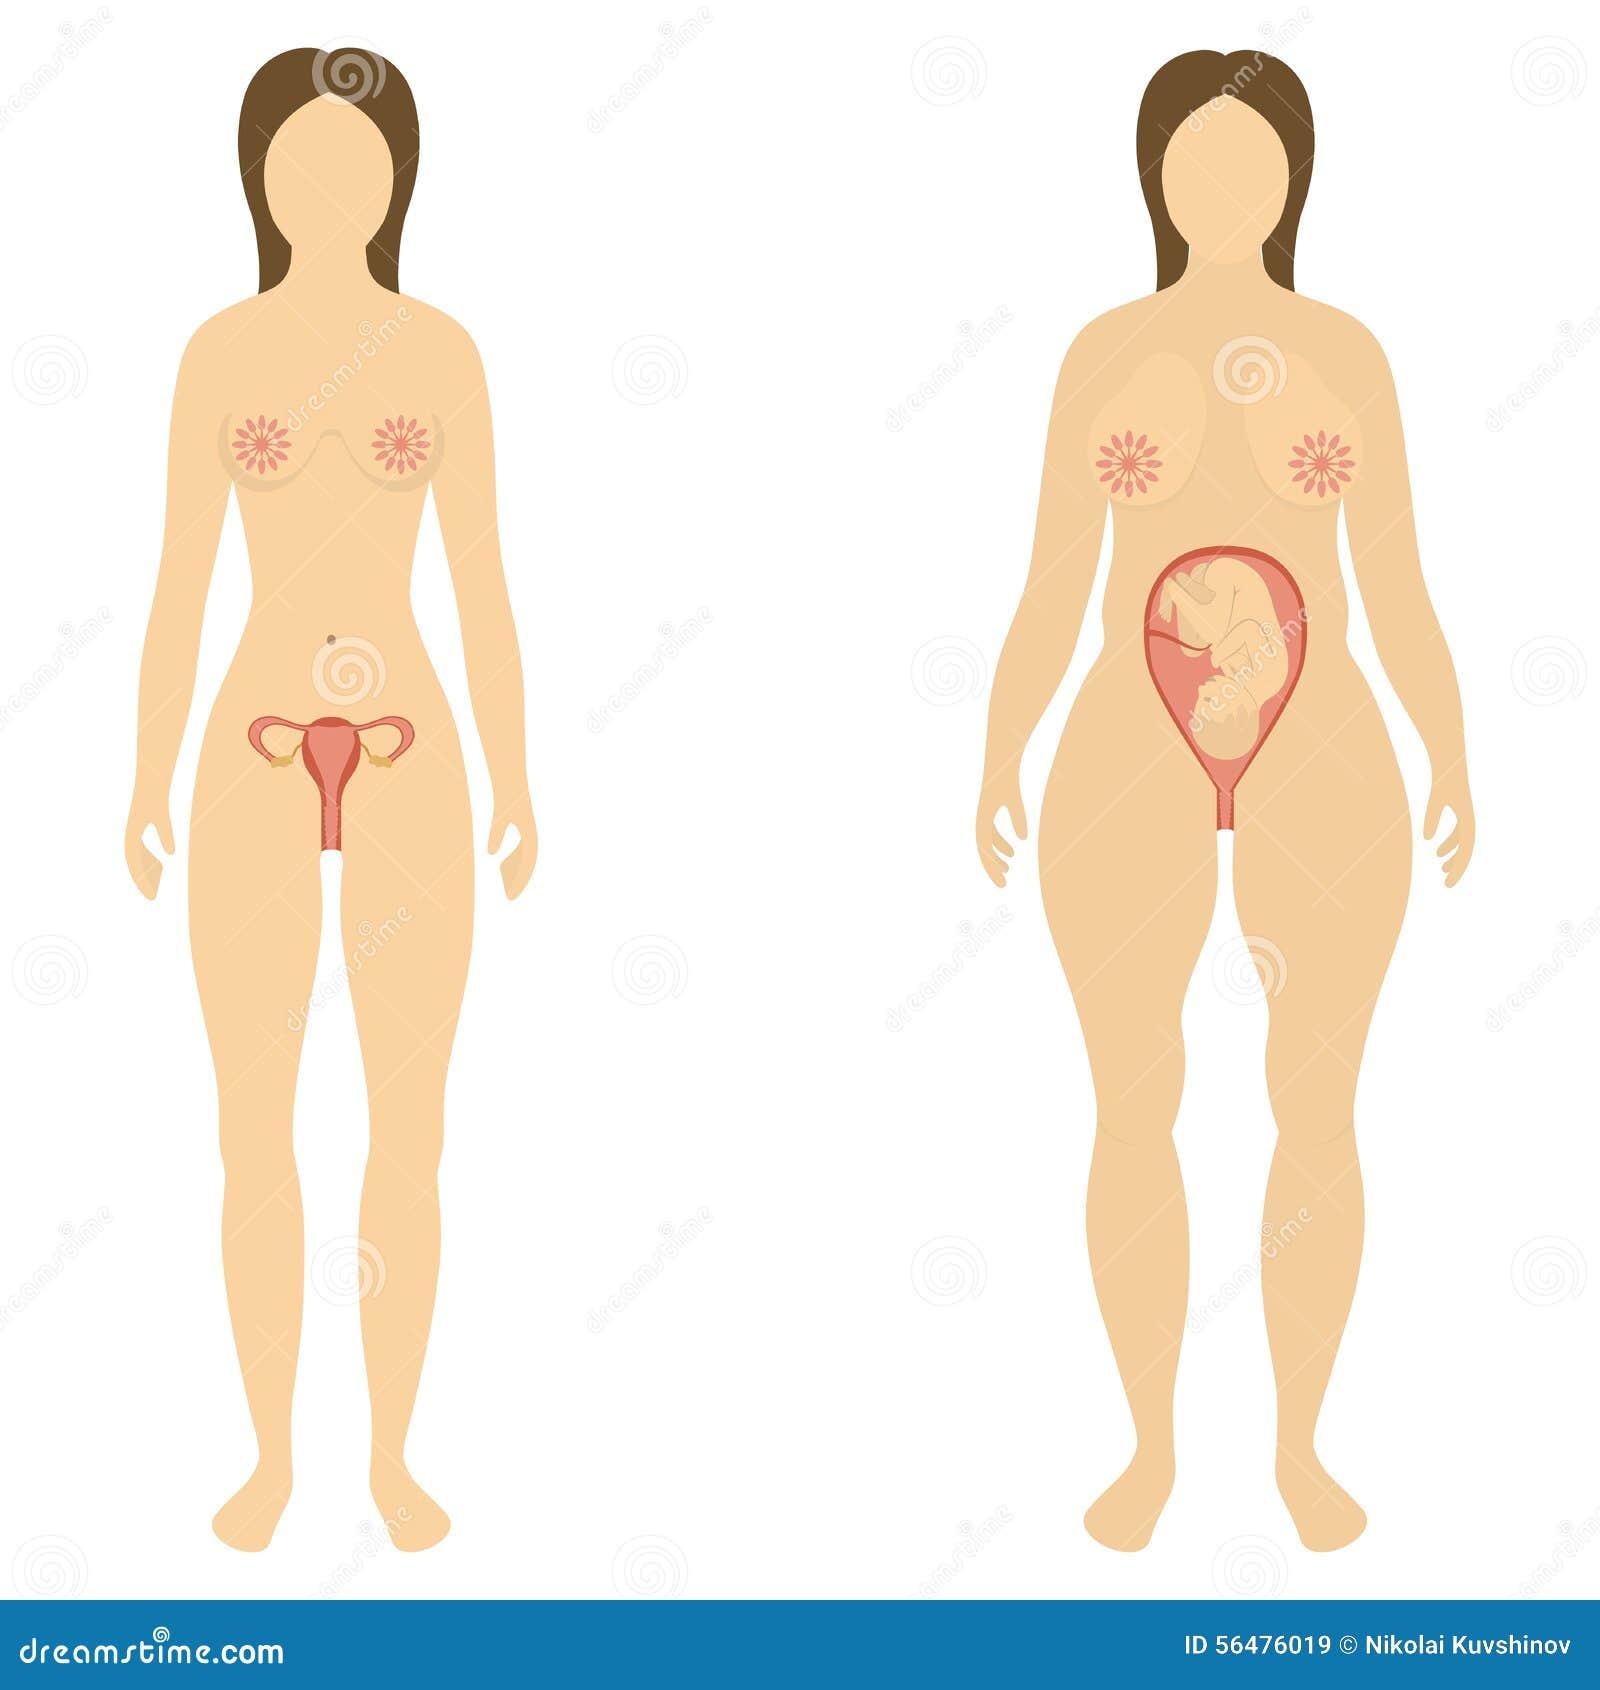 La femme avant et pendant la grossesse